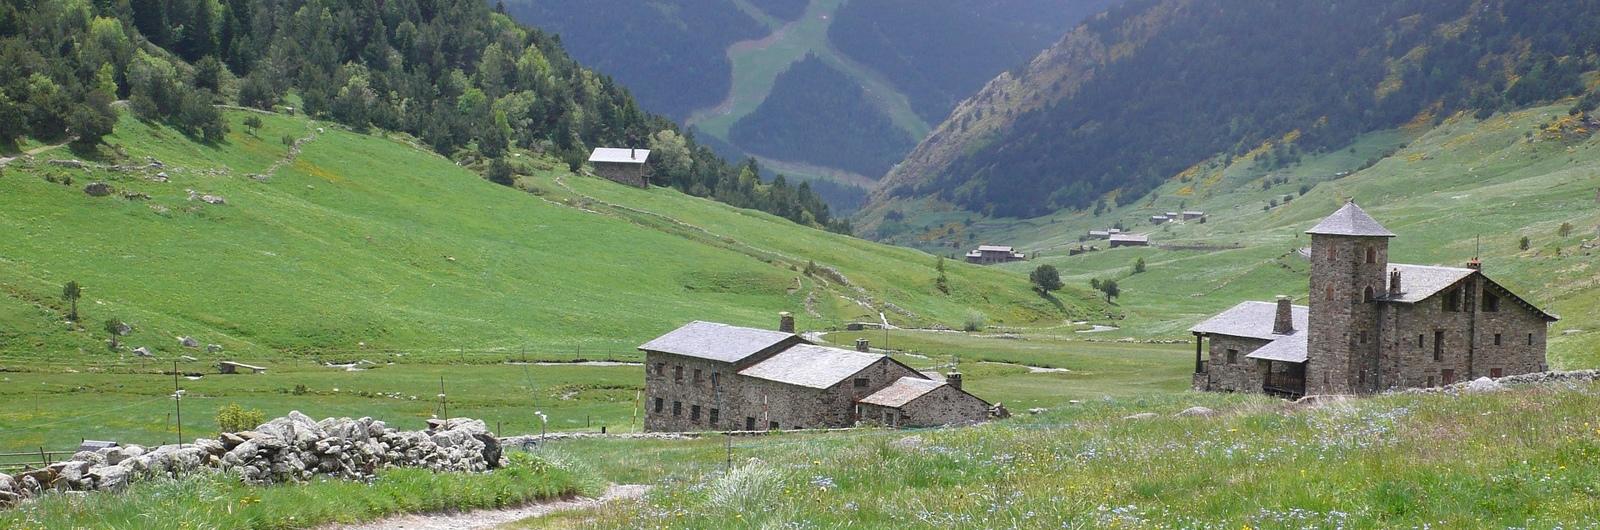 midi pyrenees region header